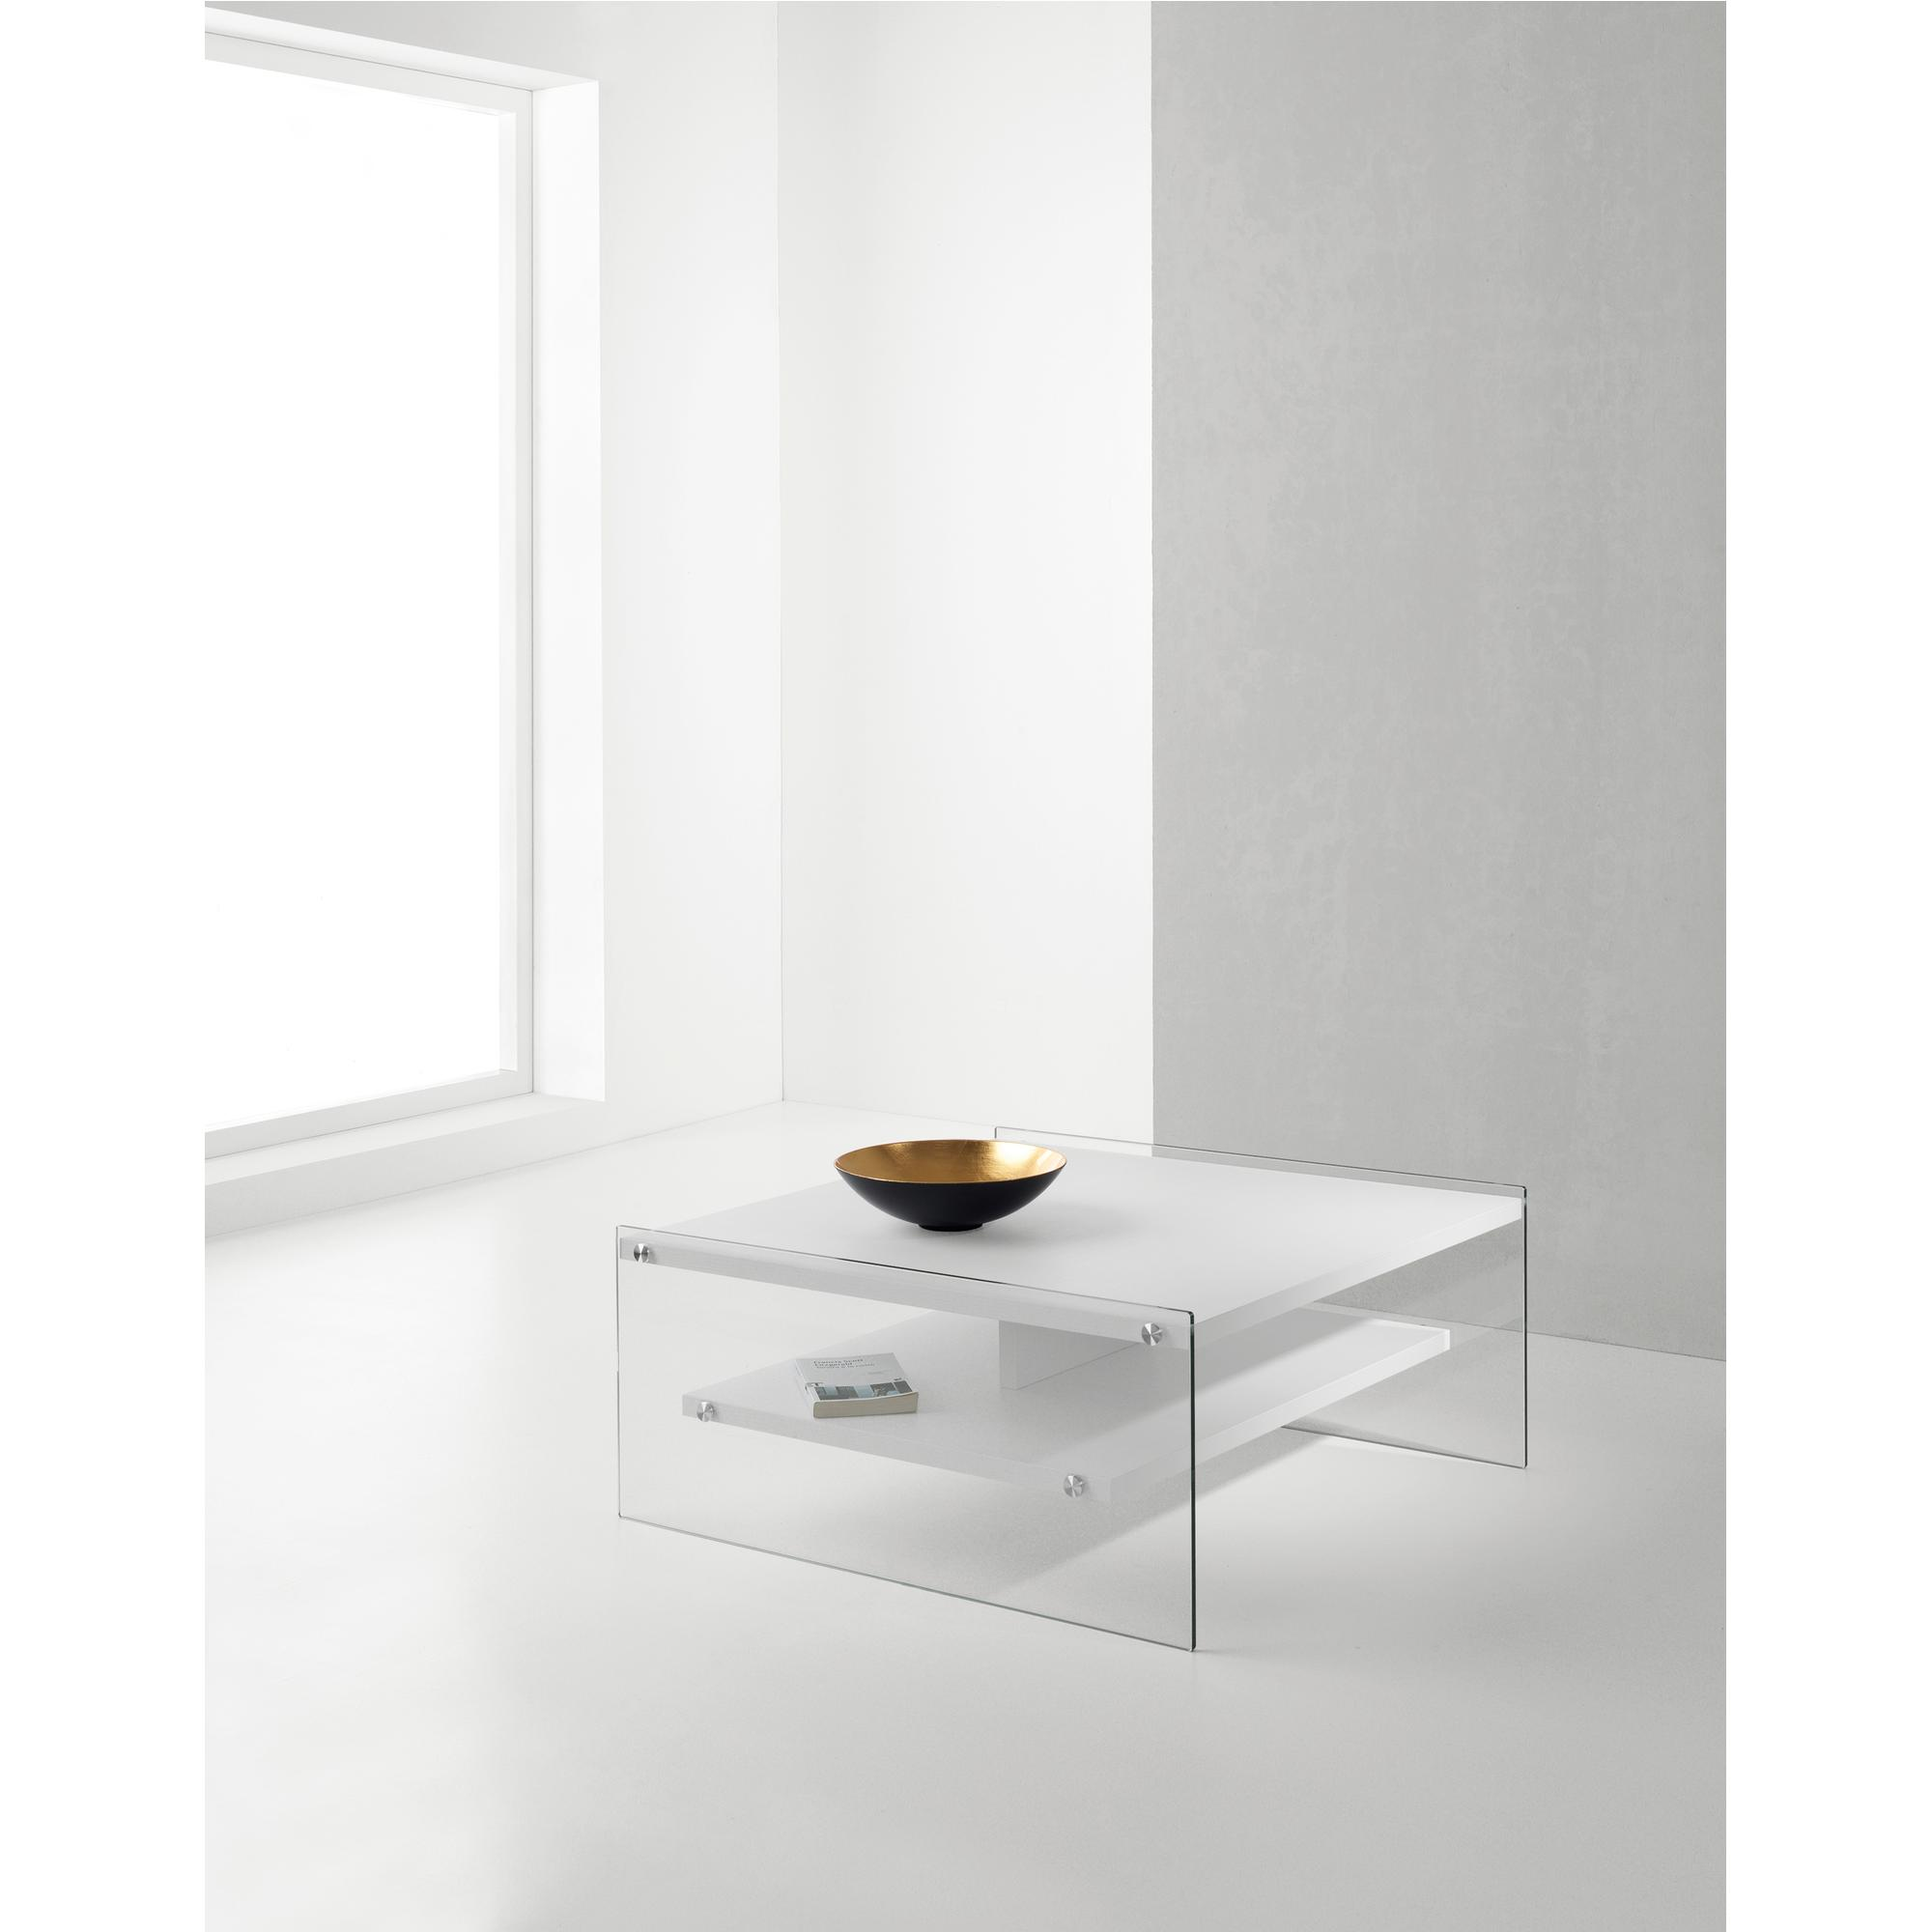 Tavolino Due Ripiani.Tavolino Con Due Ripiani In Laminato Maxim 80x80xh35cm Fianchi In Vetro Pezzani Srl